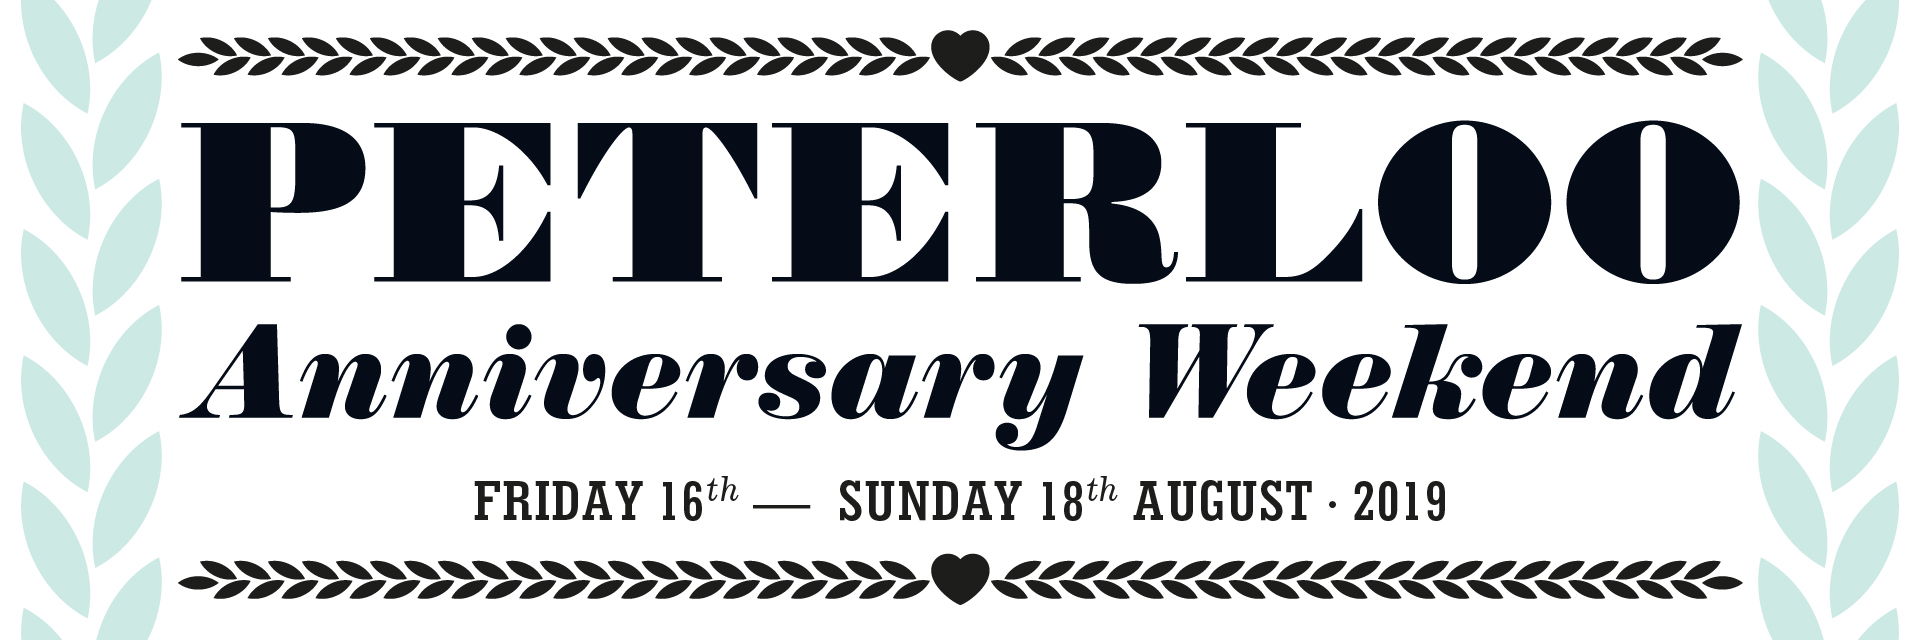 Peterloo 2019 Anniversary Weekend